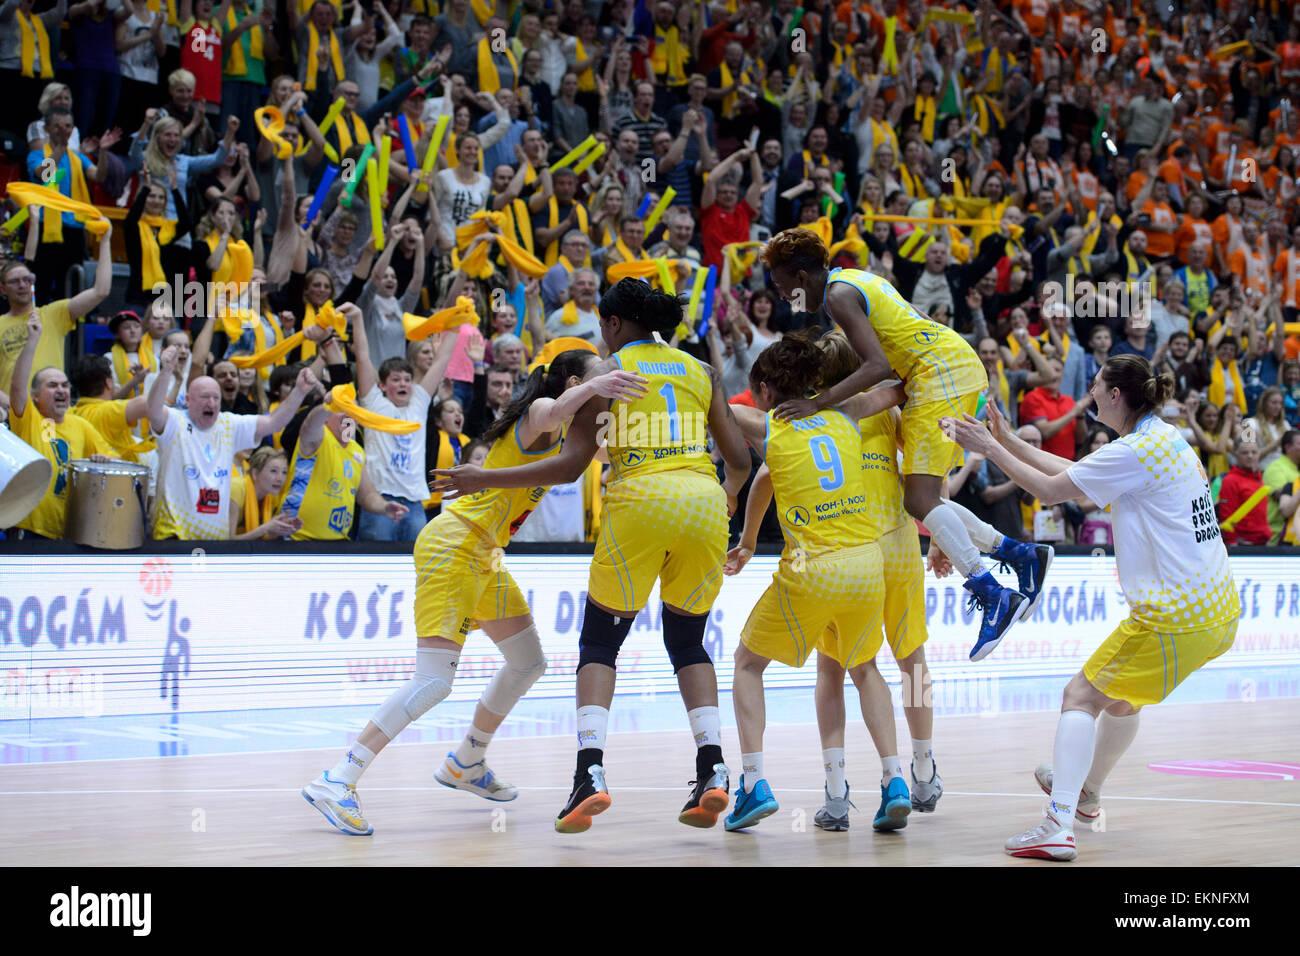 9a48f4e1269 European Women's Basketball League, final match USK Praha vs.  Yekaterinburg, Prague, Czech